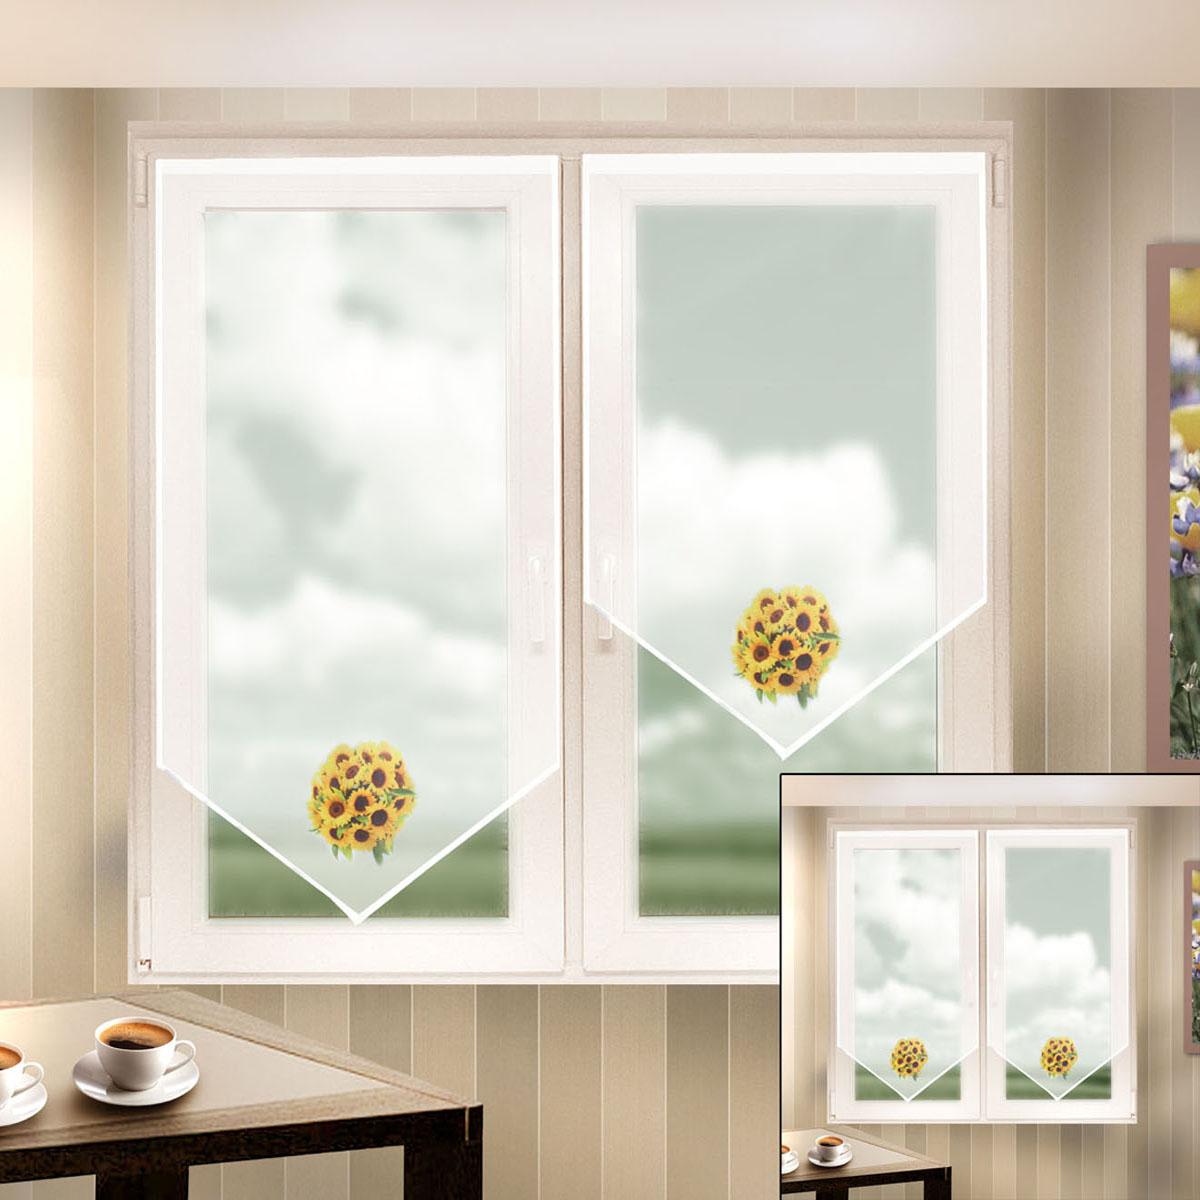 Гардина Zlata Korunka, на липкой ленте, цвет: белый, высота 140 см, 2 шт. 666055666055Шторы из материала вуаль, для кухни, белого цвета с печатным рисунком. Крепление на липкой ленте, не требующее сверления стен и карниза. Многоразовое и мгновенное крепление. Штора 2 шт.- шир.60 х выс.140Размеры: (ширина 60* высота 140)*2